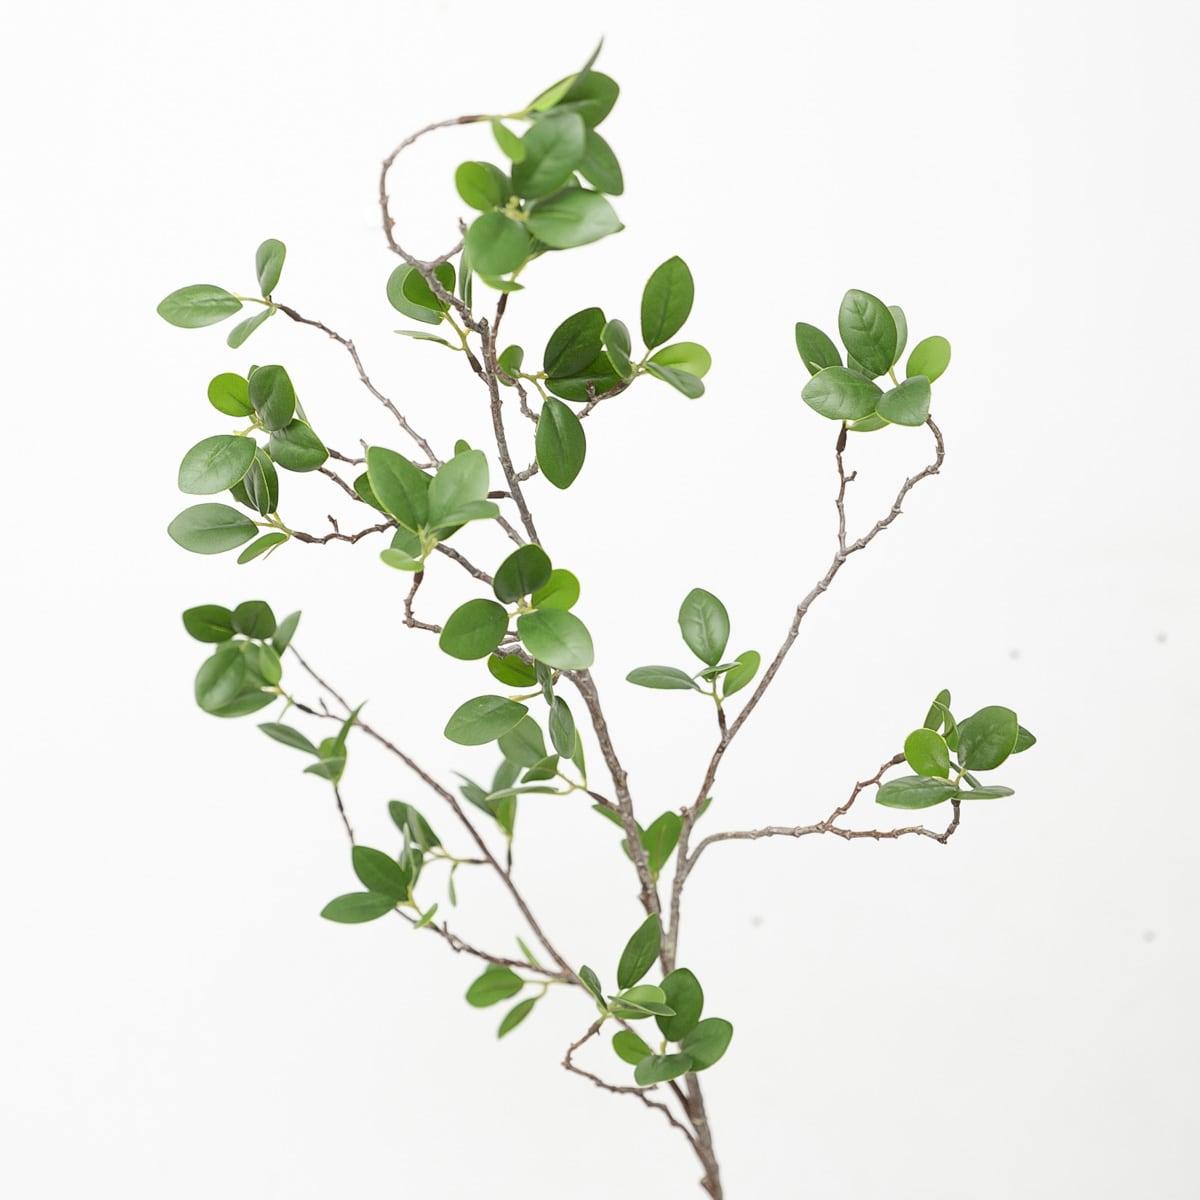 모과 나무 새순 잎 가지 110cm 조화 - 아티플라자, 11,000원, 조화, 부쉬